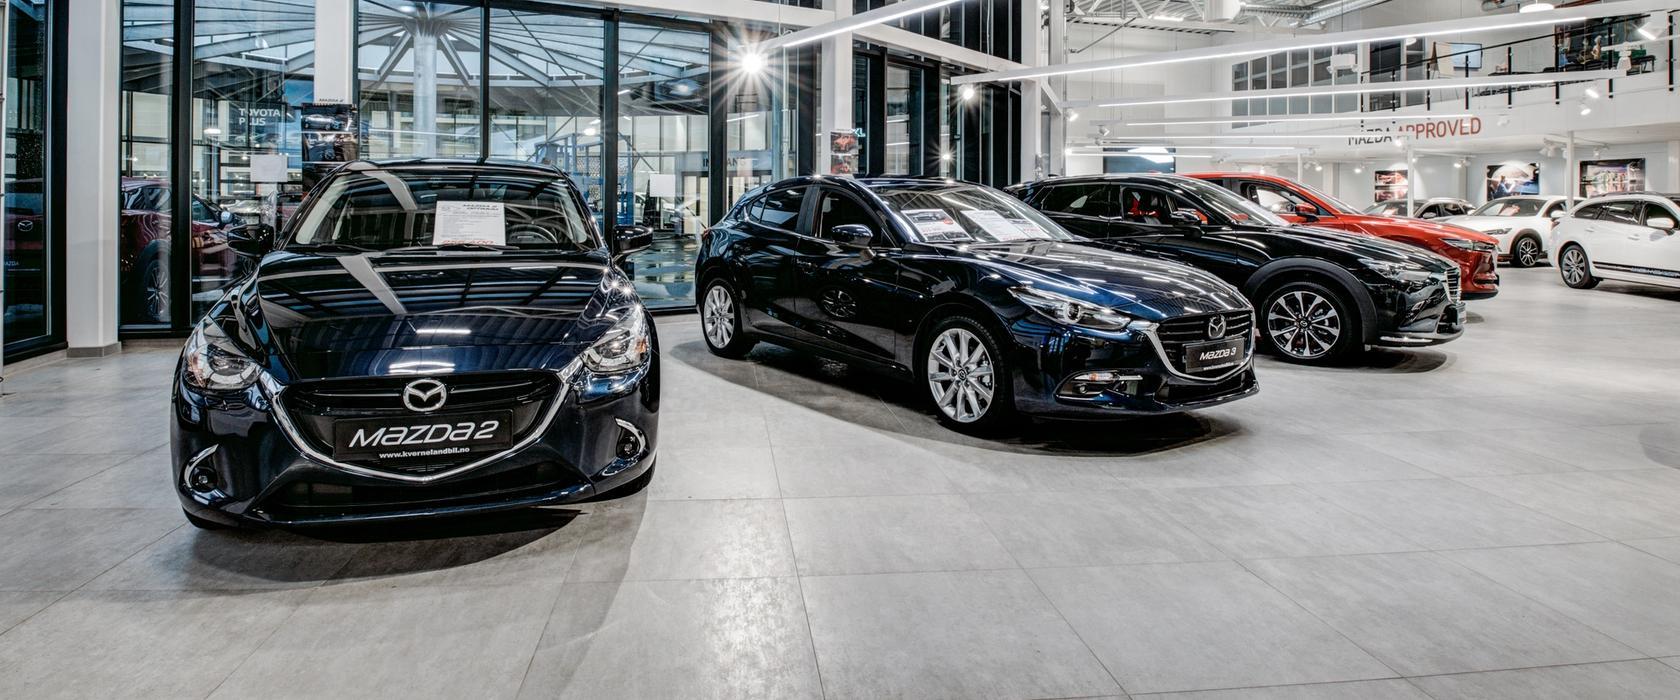 Nybilavdelingen på Mazda Bilhuset